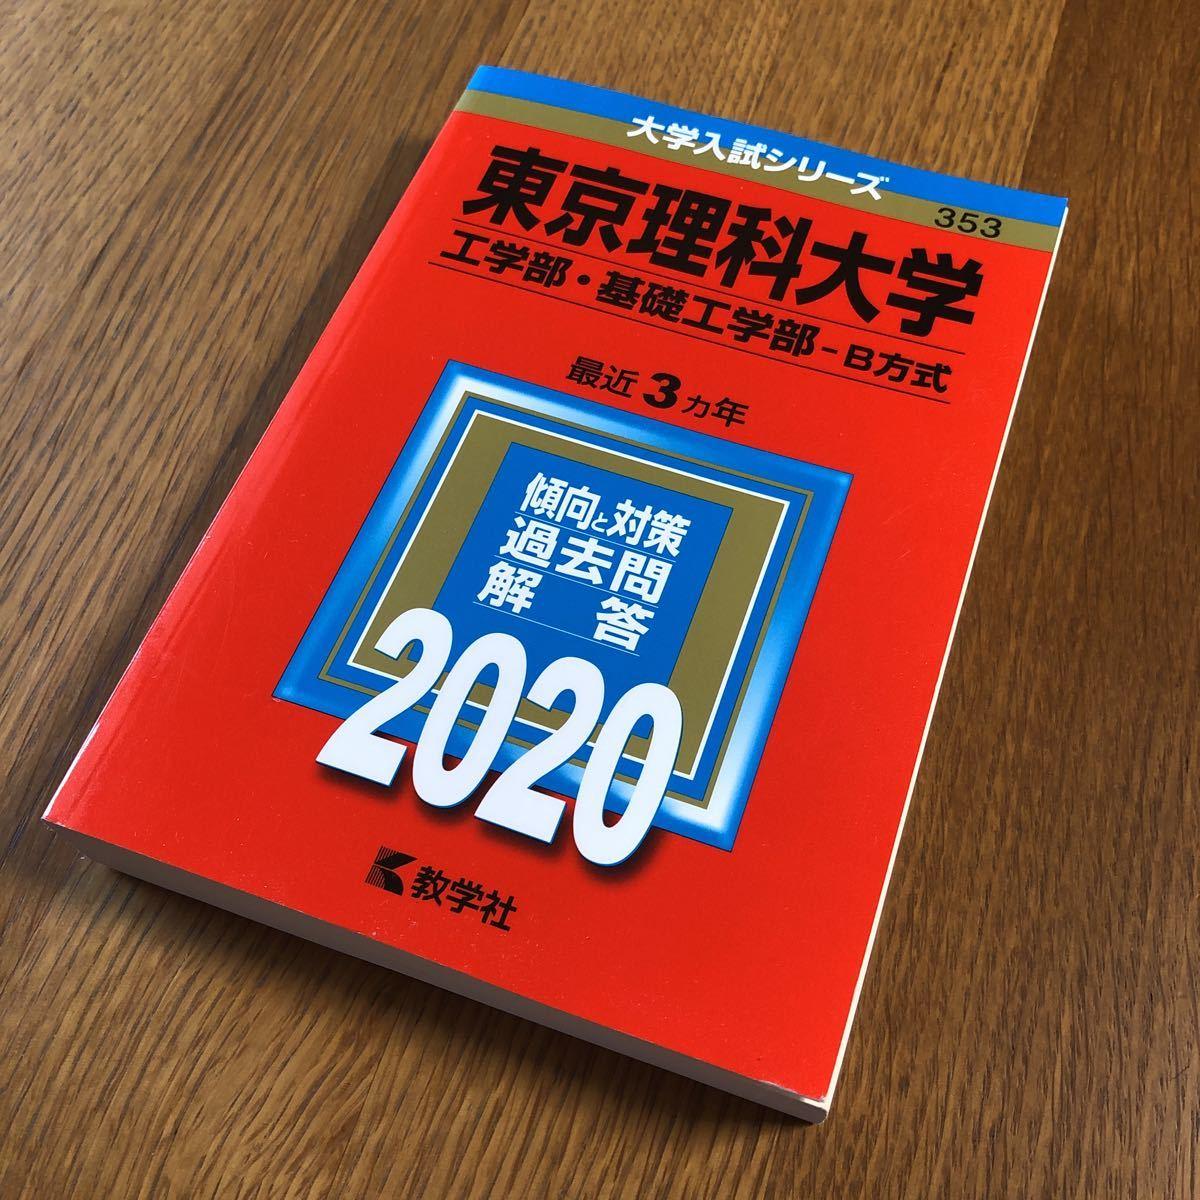 基礎 東京 工学部 大学 理科